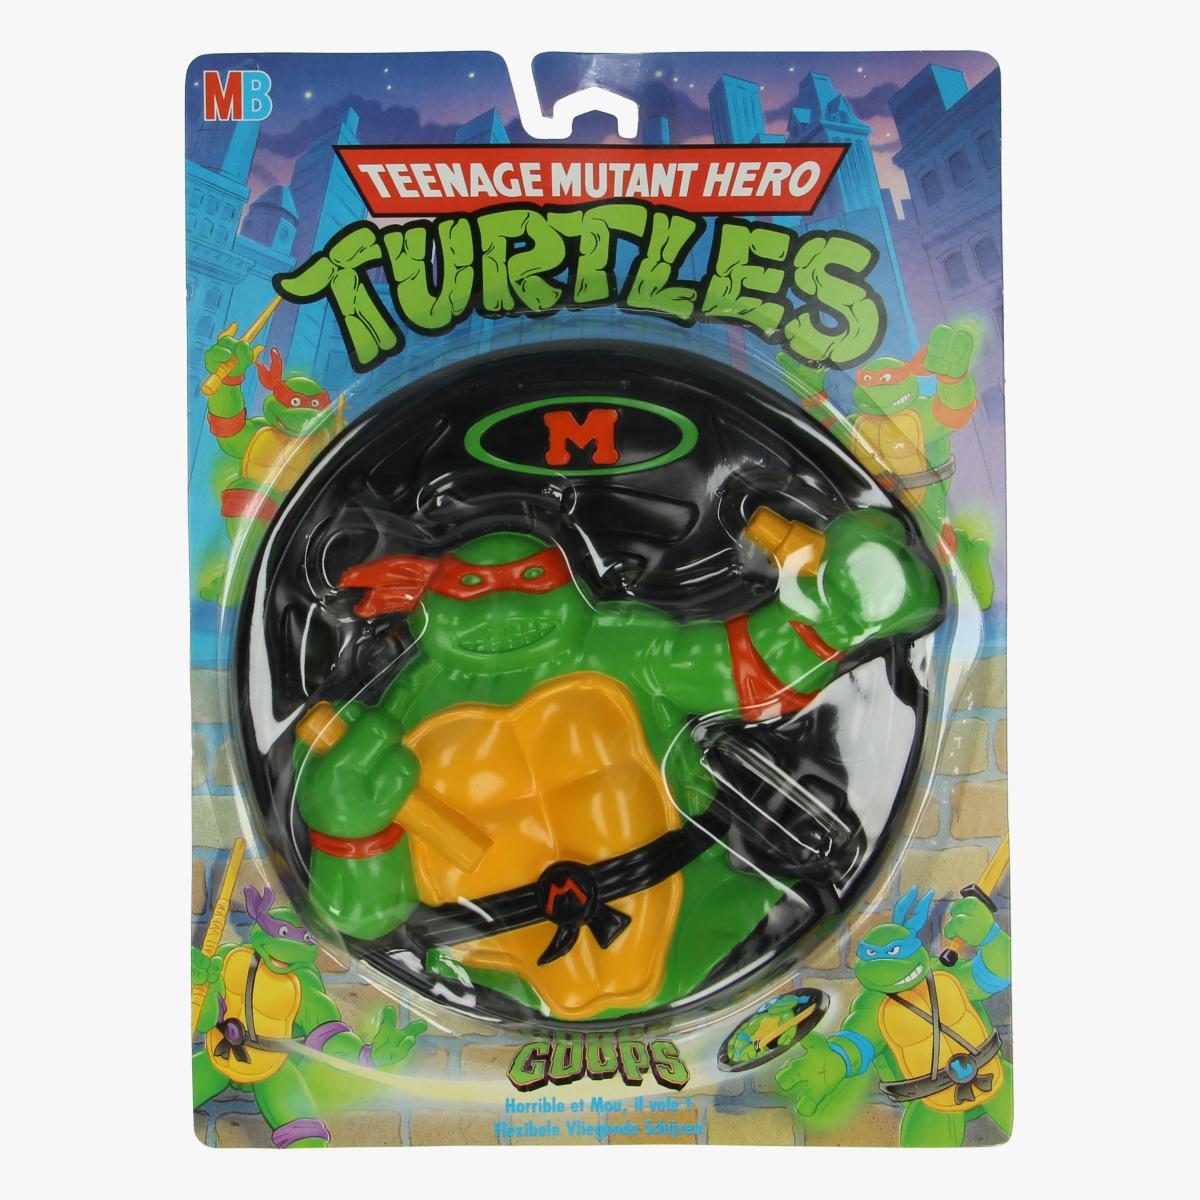 Afbeeldingen van Teenage mutant hero Turtles frisbee Michaelangelo